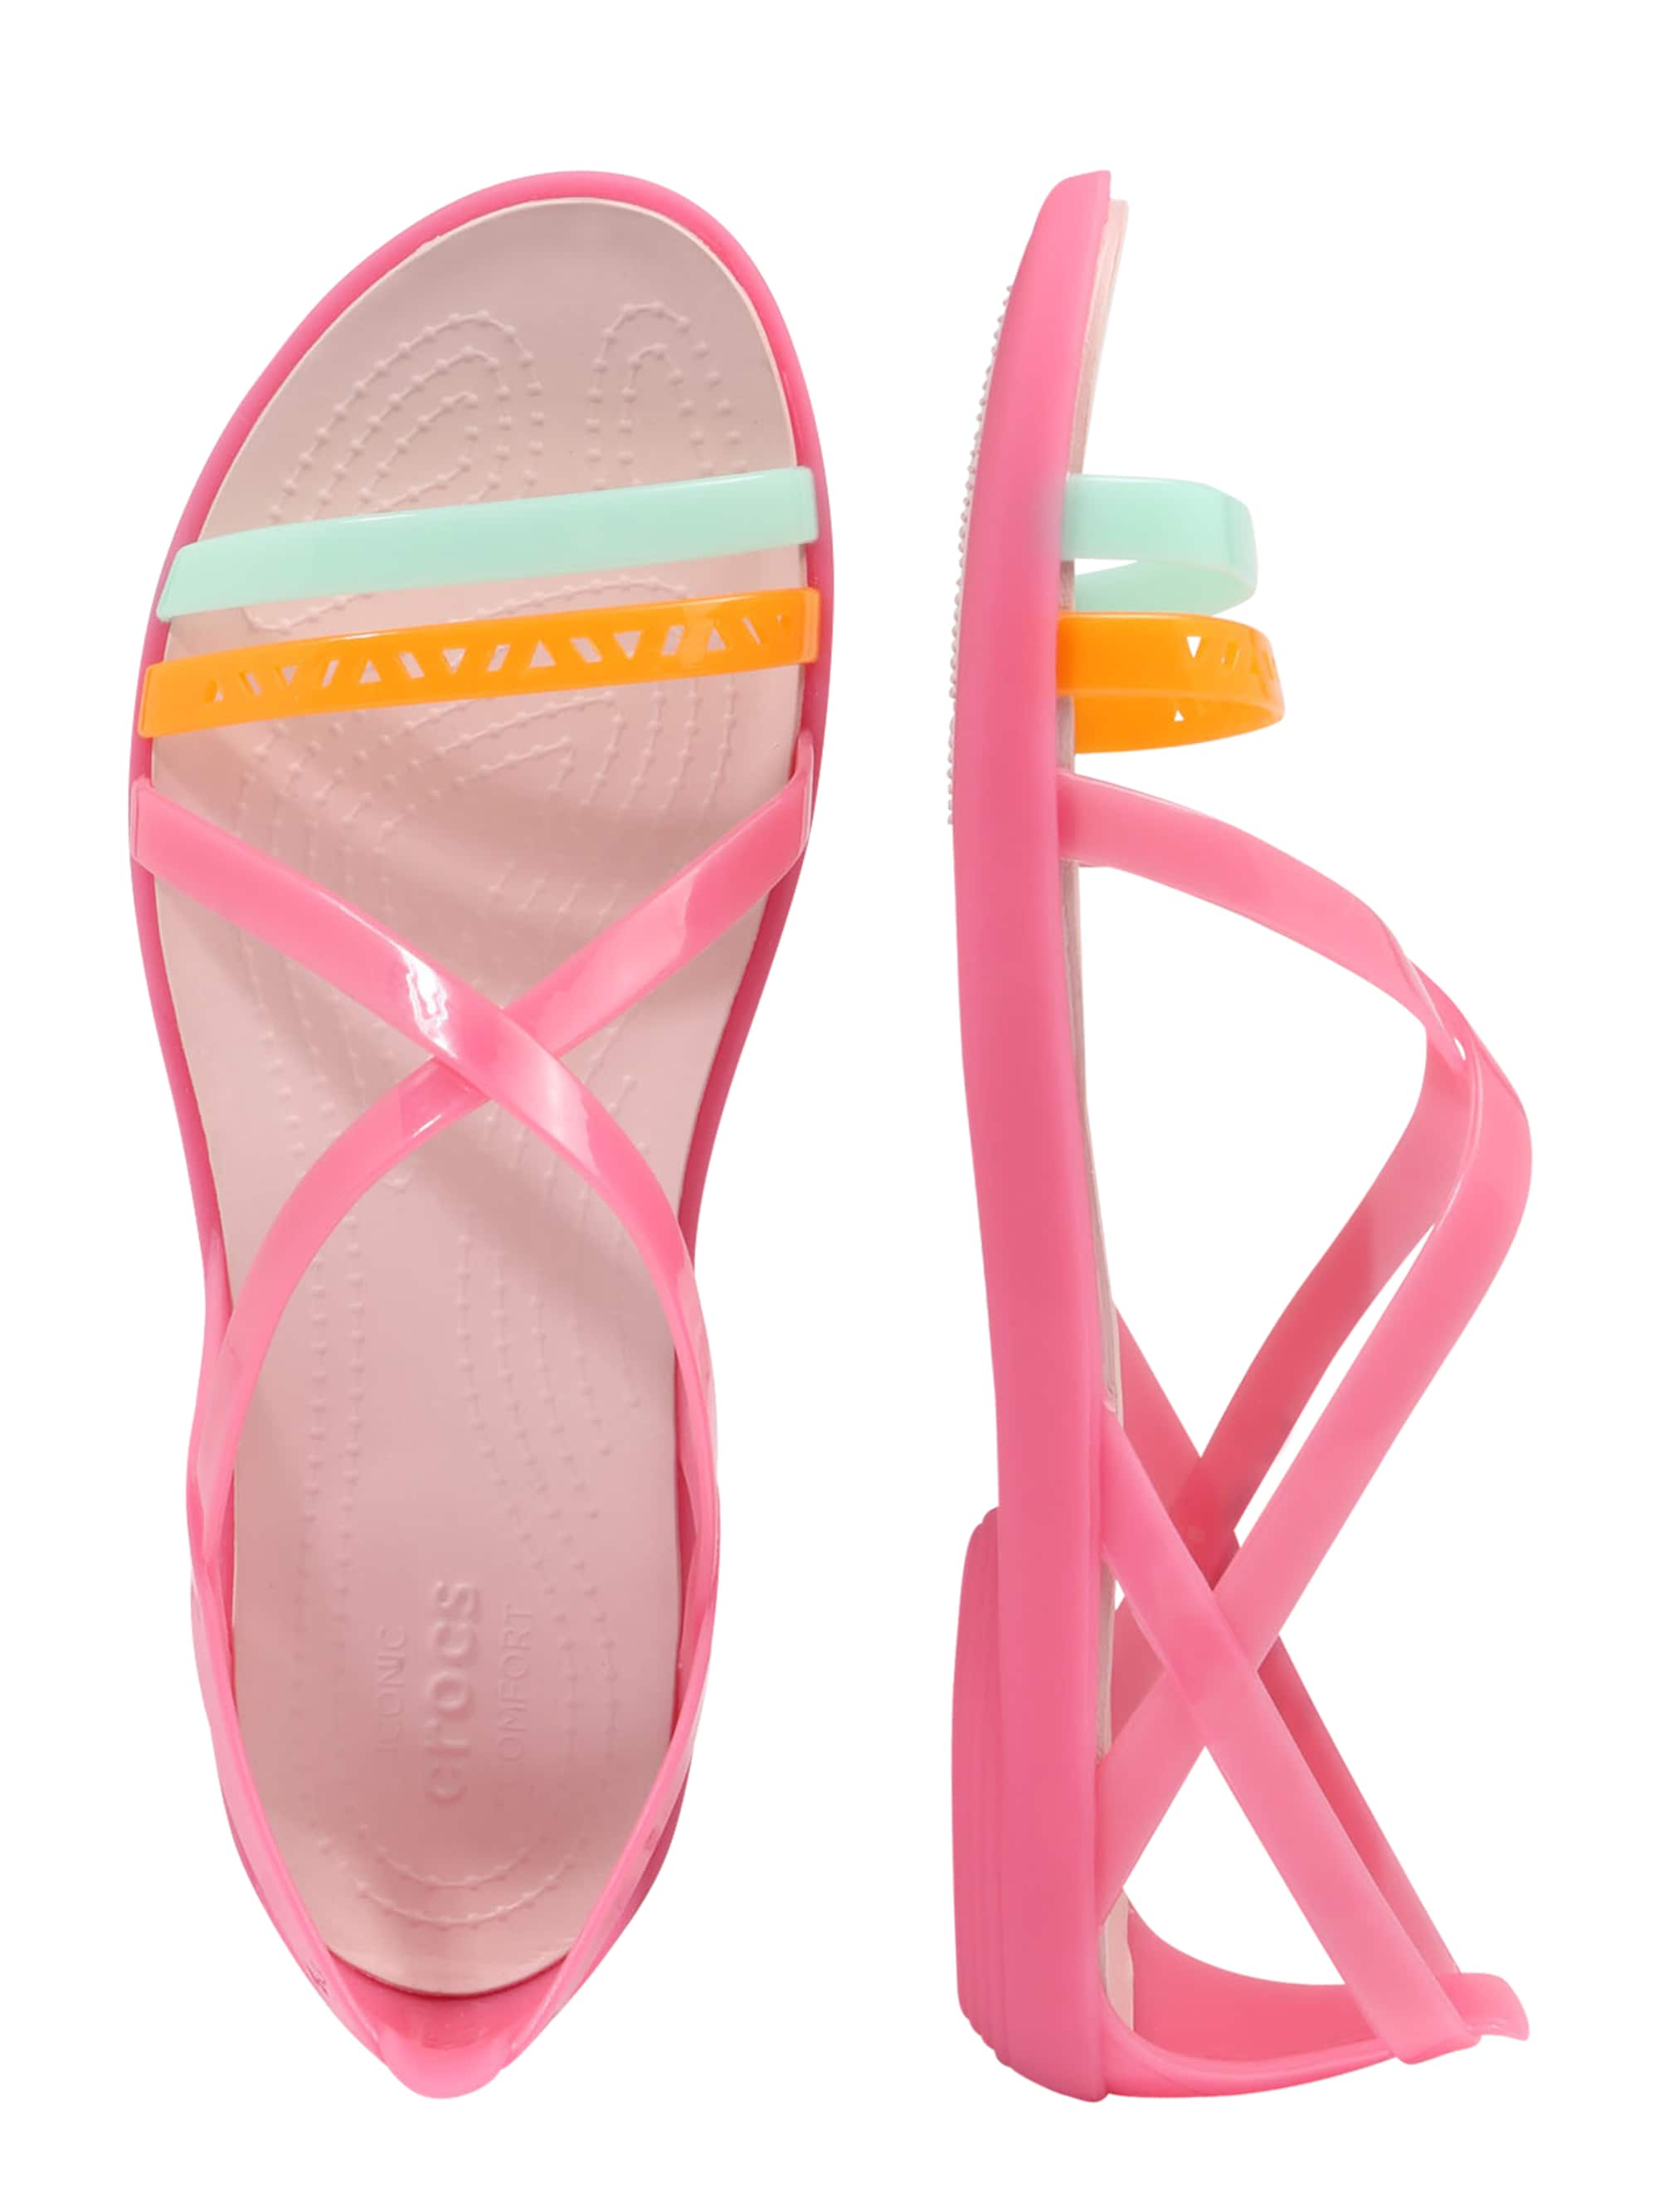 Crocs Sandały z rzemykami 'Isabella Cut Strappy'  jasnoniebieski / jasnopomarańczowy / różowy